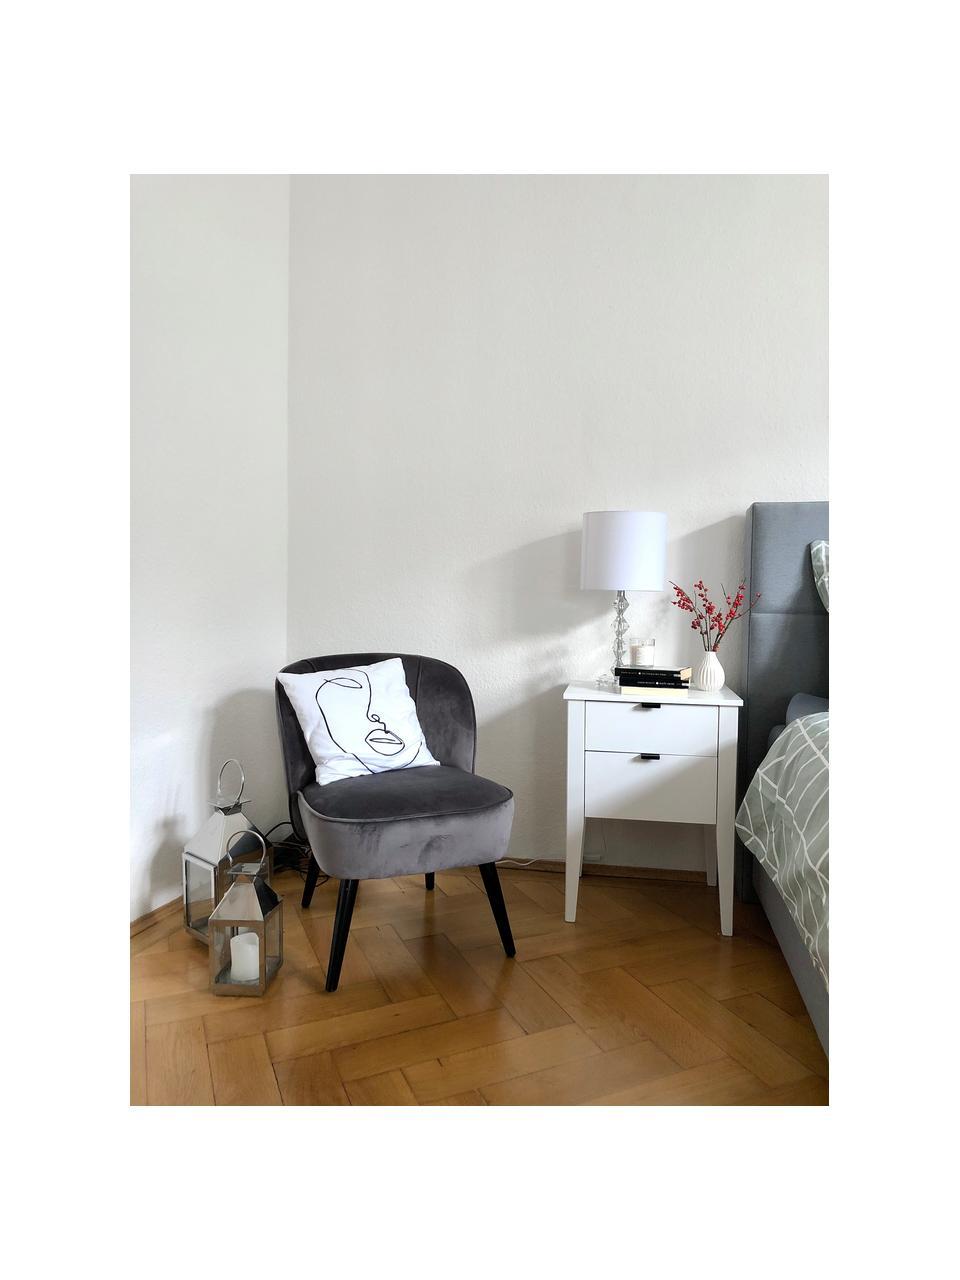 Fluwelen stoel Lucky, Bekleding: fluweel (polyester), Poten: rubberhout, gelakt, Bekleding: donkergrijs. Poten: zwart, B 59 x D 68 cm